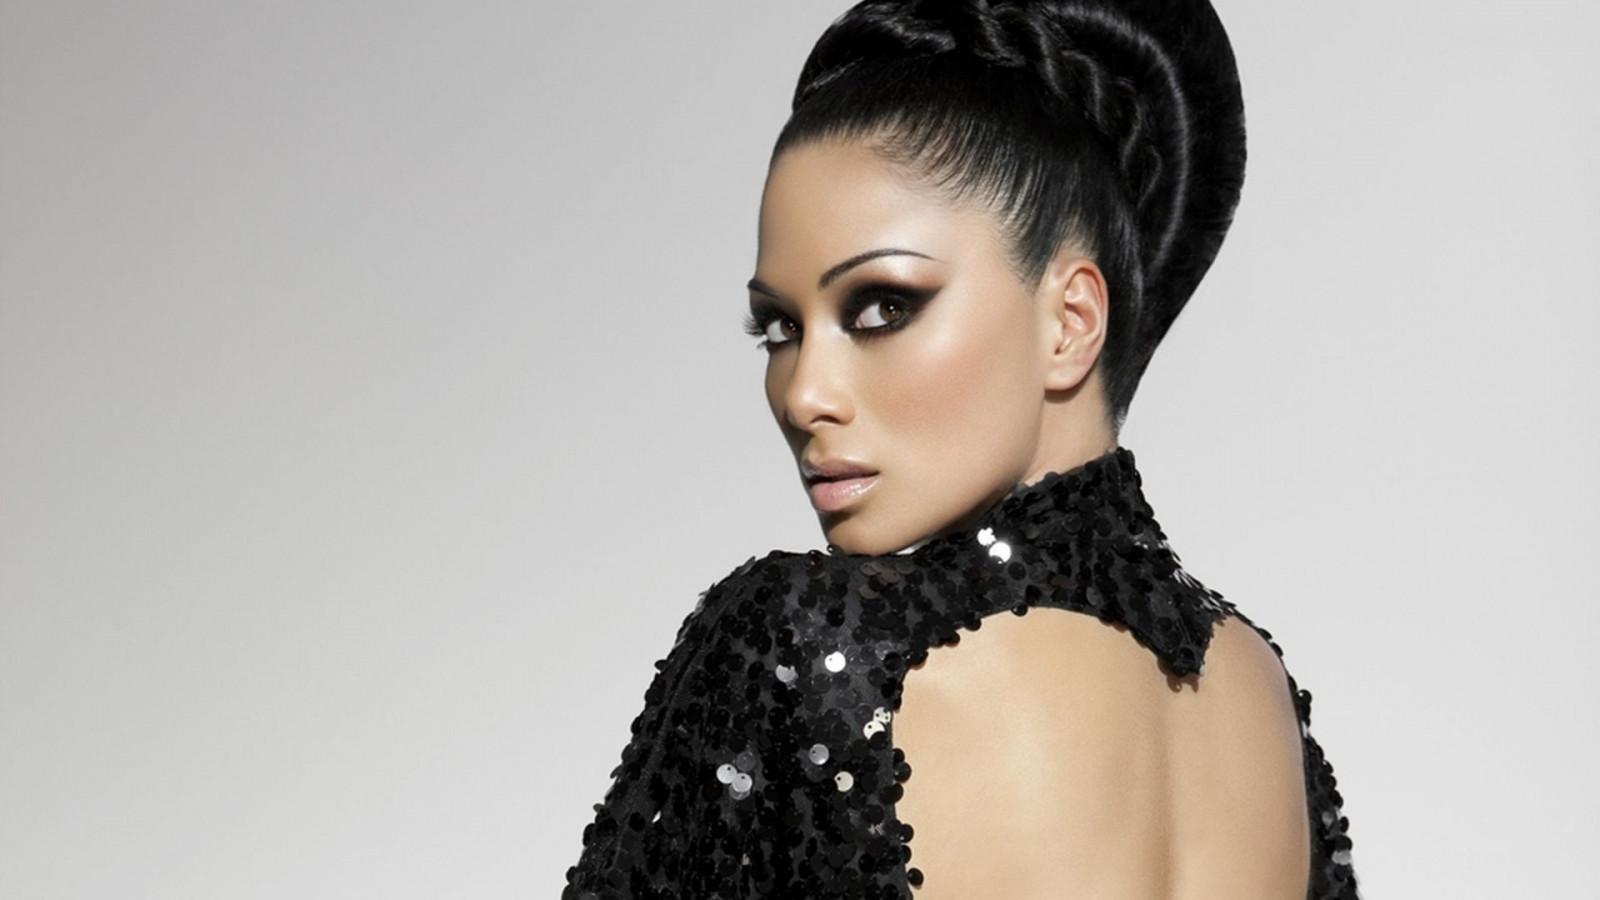 Black hair fashion models